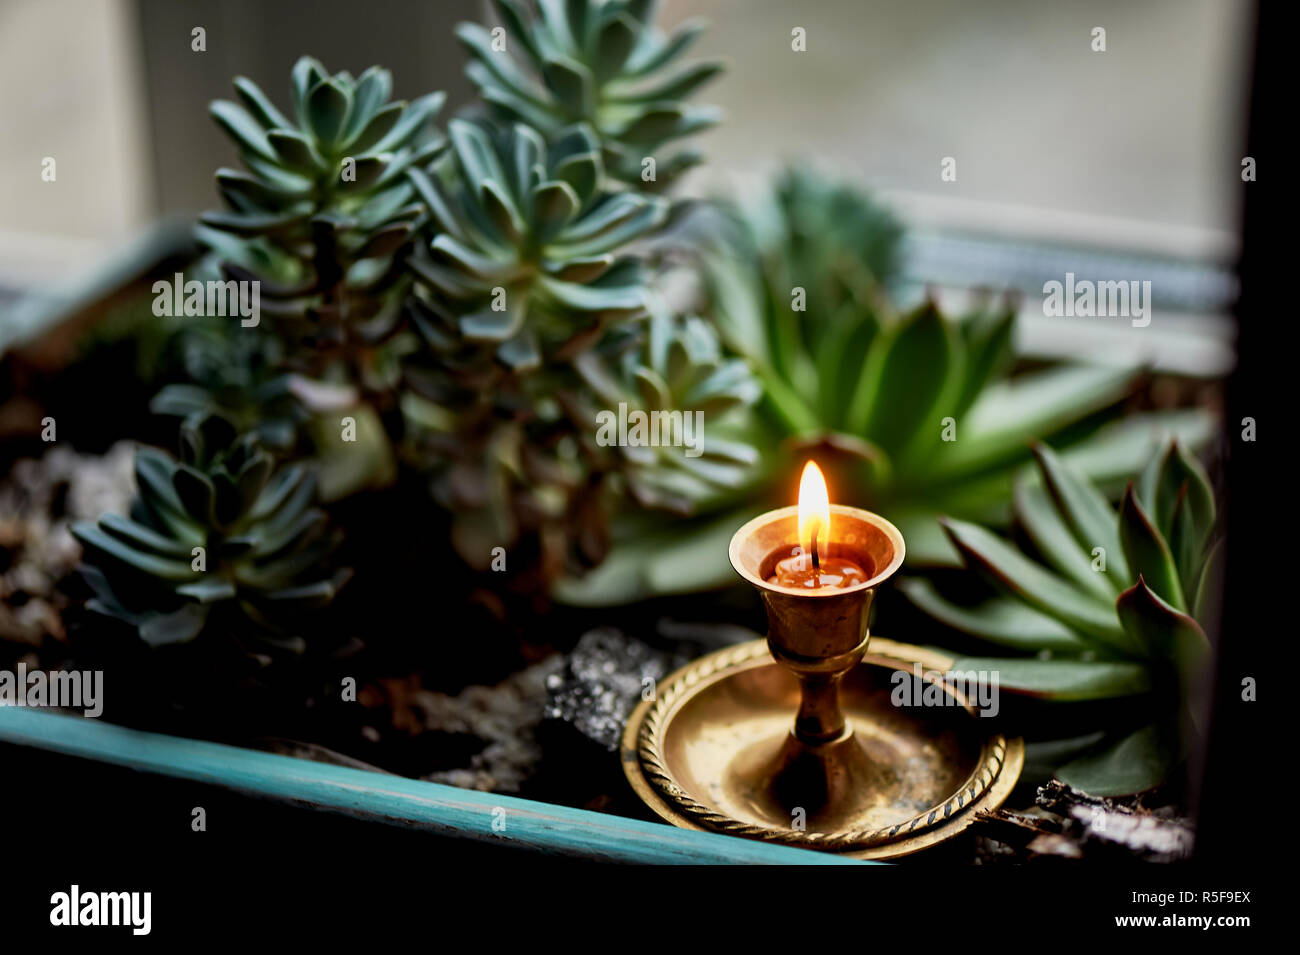 Die Kerze brennt in einem kleinen Messing Leuchter, zwischen dem Grün der Sukkulenten. Makro. Gefühl von Wärme und Komfort. Das Gebet, Dankbarkeit Stockbild